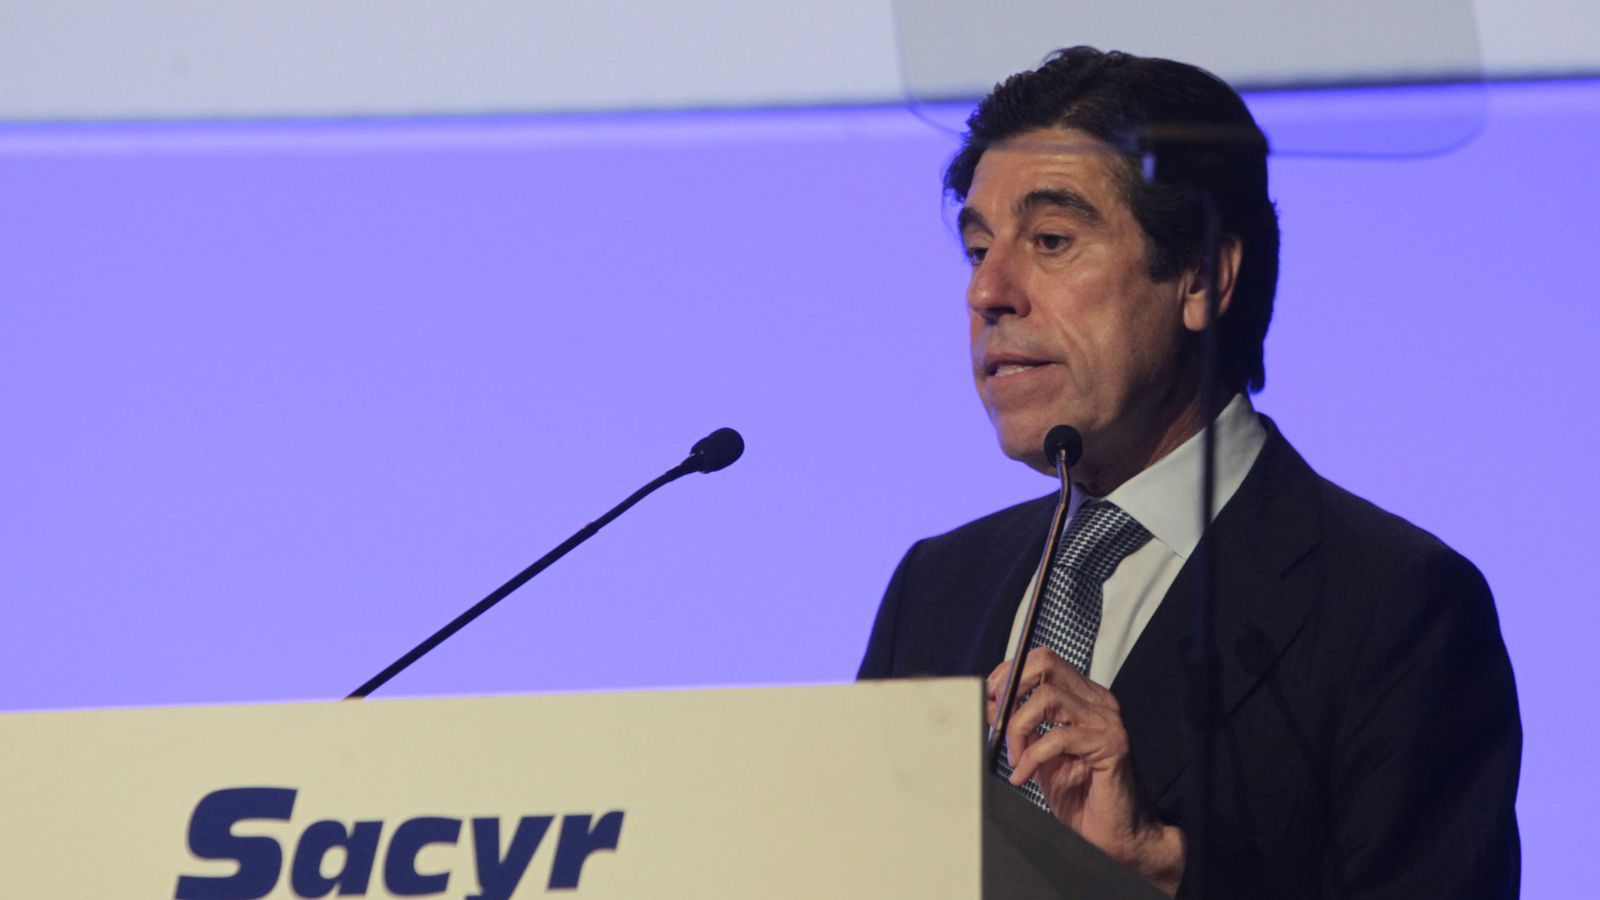 Foto: El presidente de Sacyr, Manuel Manrique